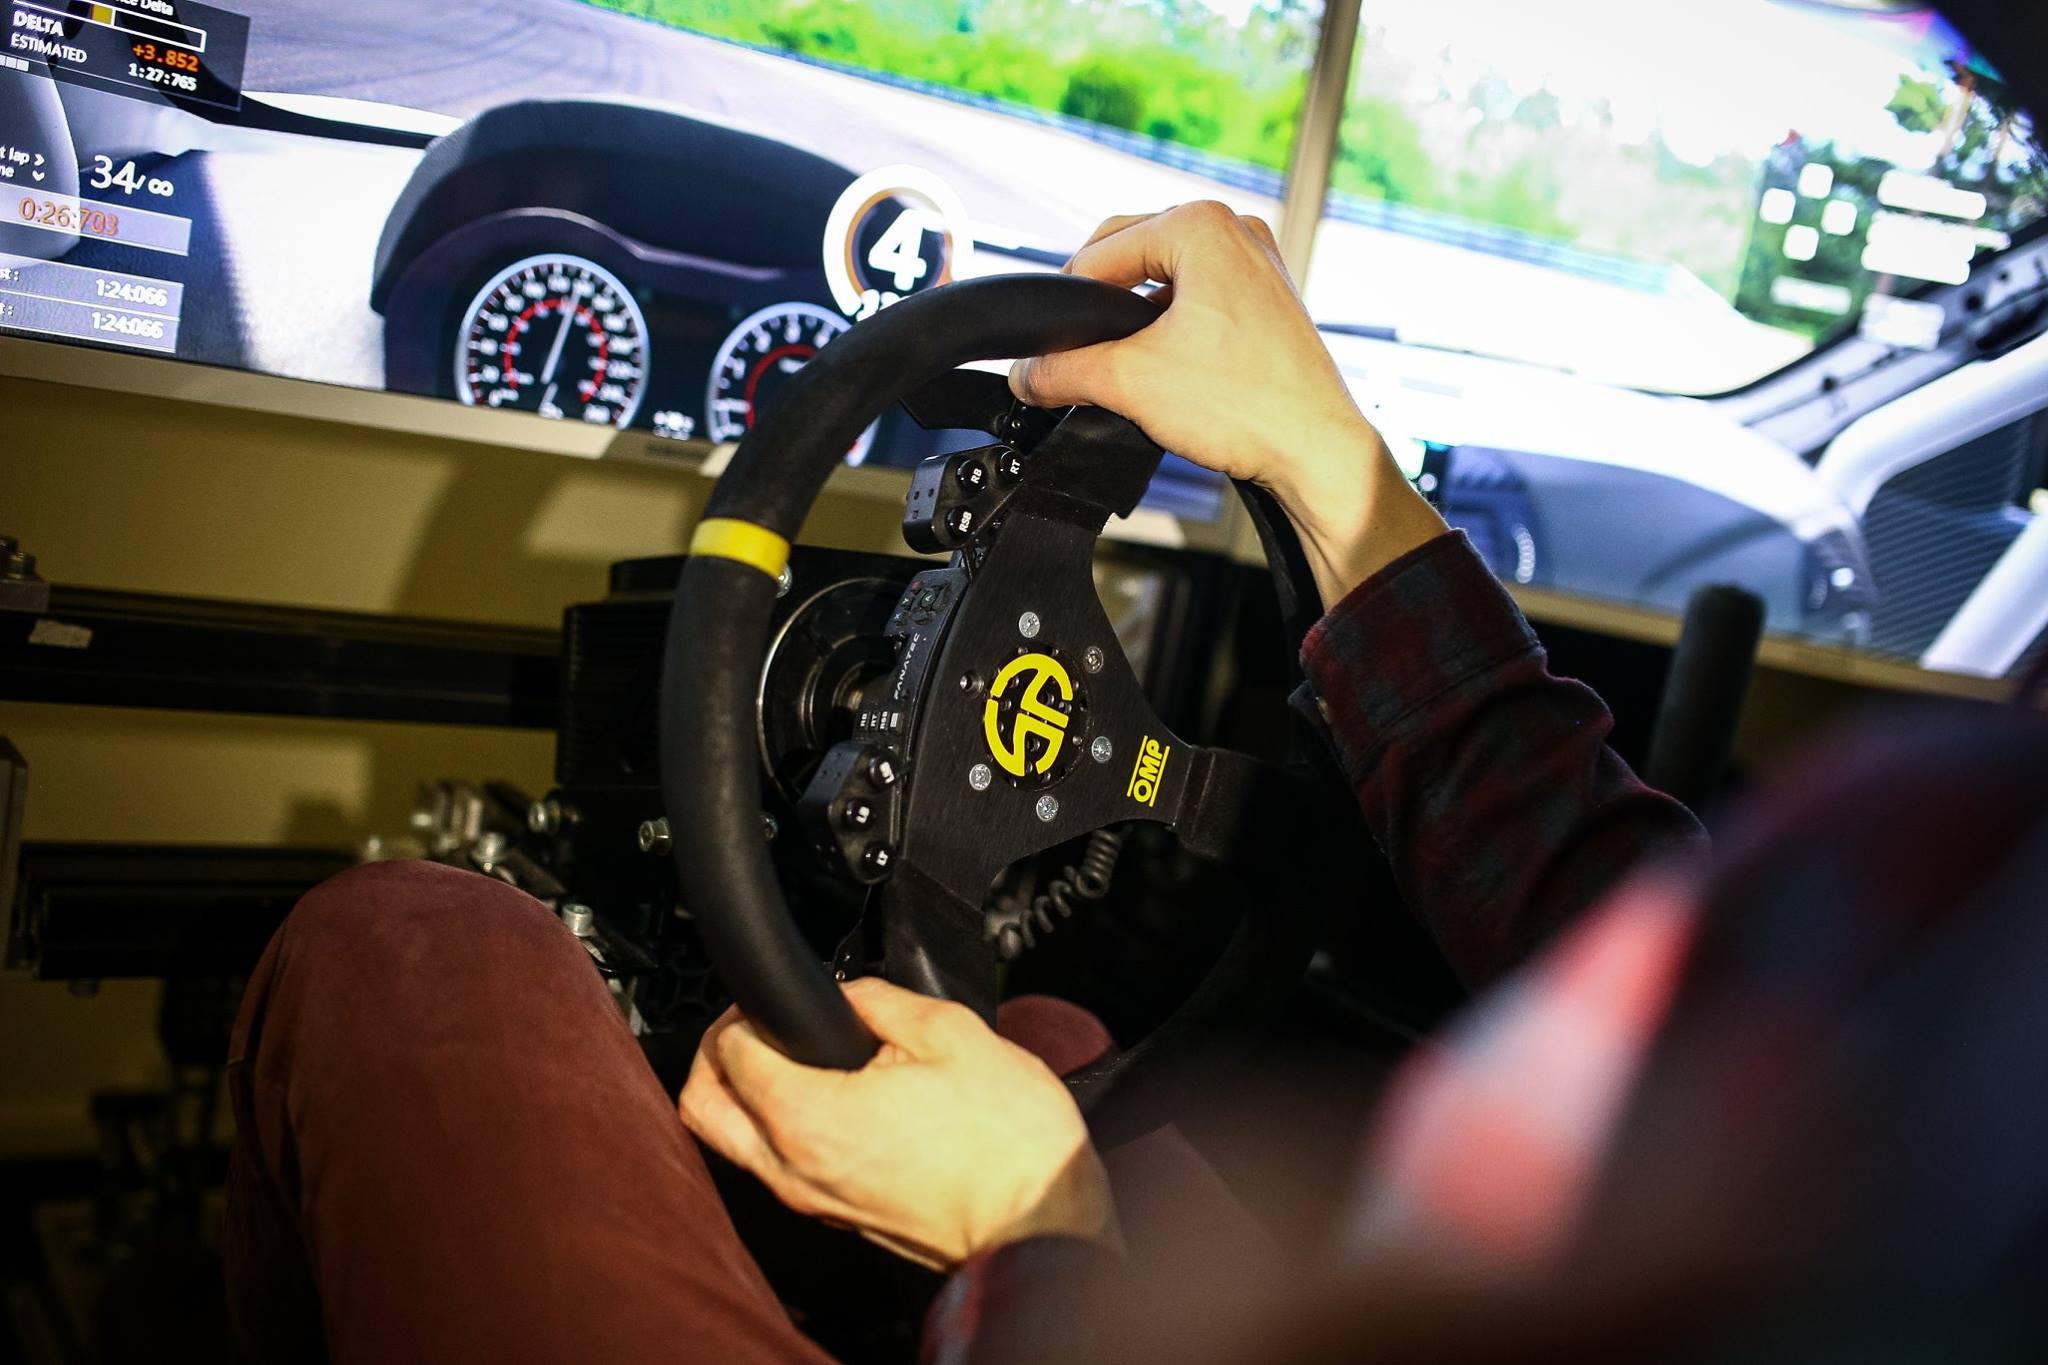 simuliatoriai vairas